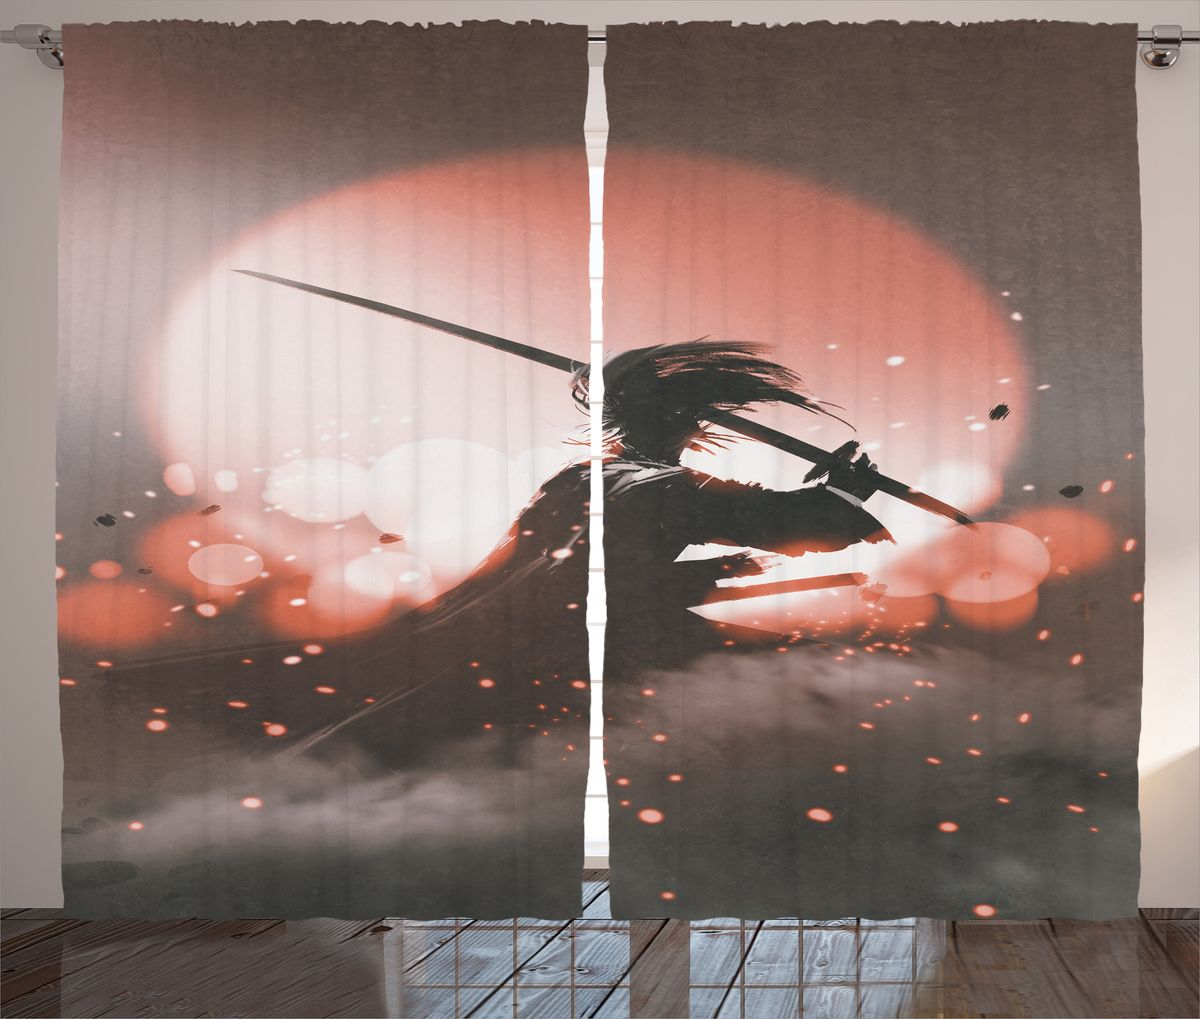 Комплект фотоштор Magic Lady Самурай на фоне заката, на ленте, высота 265 см. шсг_18287шсг_14720Компания Сэмболь изготавливает шторы из высококачественного сатена (полиэстер 100%). При изготовлении используются специальные гипоаллергенные чернила для прямой печати по ткани, безопасные для человека и животных. Экологичность продукции Magic lady и безопасность для окружающей среды подтверждены сертификатом Oeko-Tex Standard 100. Крепление: крючки для крепления на шторной ленте (50 шт). Возможно крепление на трубу. Внимание! При нанесении сублимационной печати на ткань технологическим методом при температуре 240°С, возможно отклонение полученных размеров (указанных на этикетке и сайте) от стандартных на + - 3-5 см. Производитель старается максимально точно передать цвета изделия на фотографиях, однако искажения неизбежны и фактический цвет изделия может отличаться от воспринимаемого по фото. Обратите внимание! Шторы изготовлены из полиэстра сатенового переплетения, а не из сатина (хлопок). Размер одного полотна шторы: 145х265 см. В комплекте 2 полотна шторы и 50 крючков.